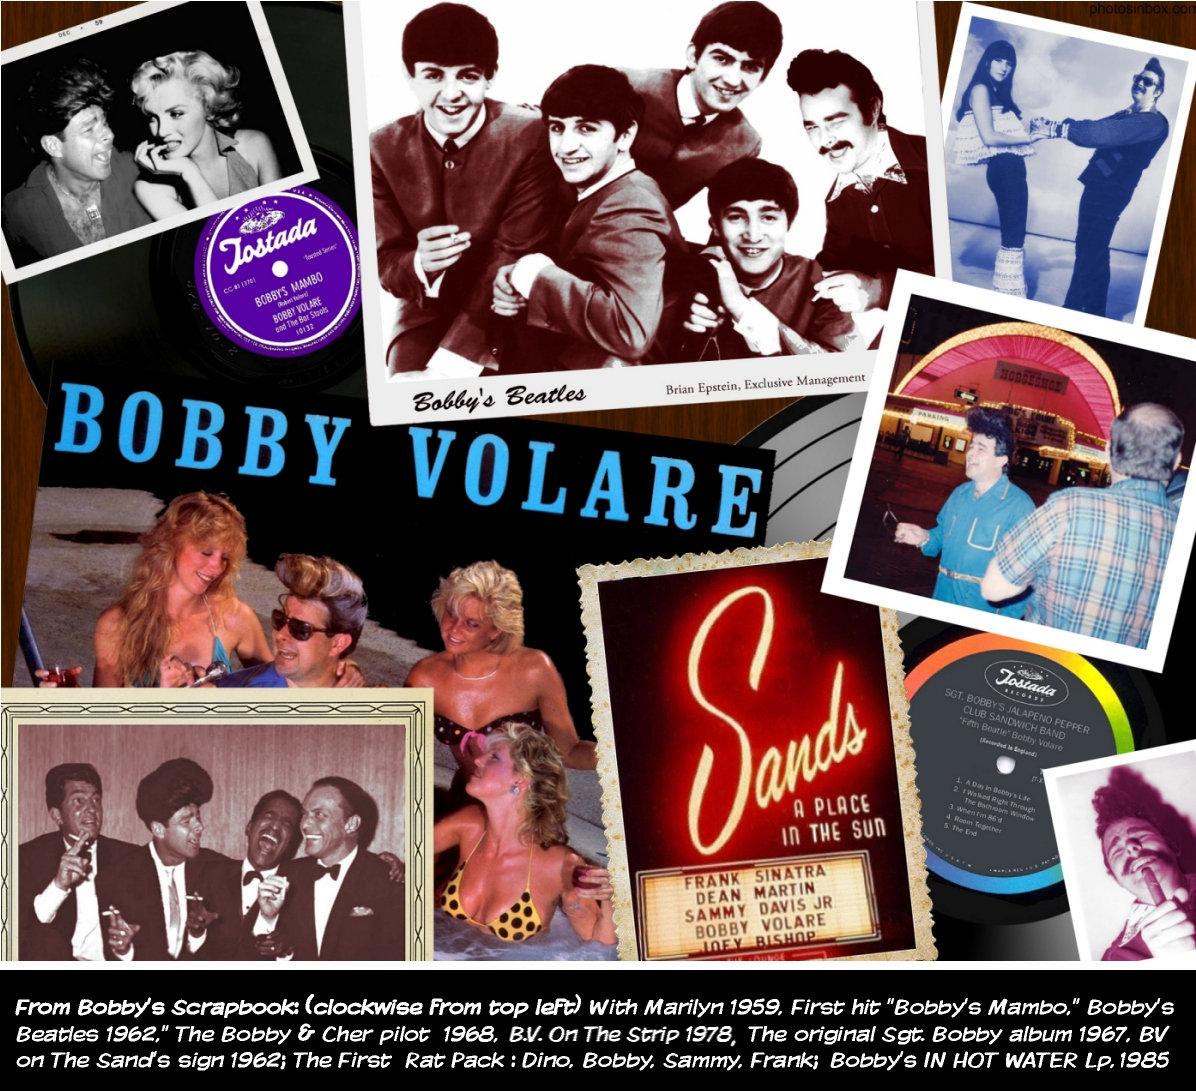 Bildresultat för Bobby Volare